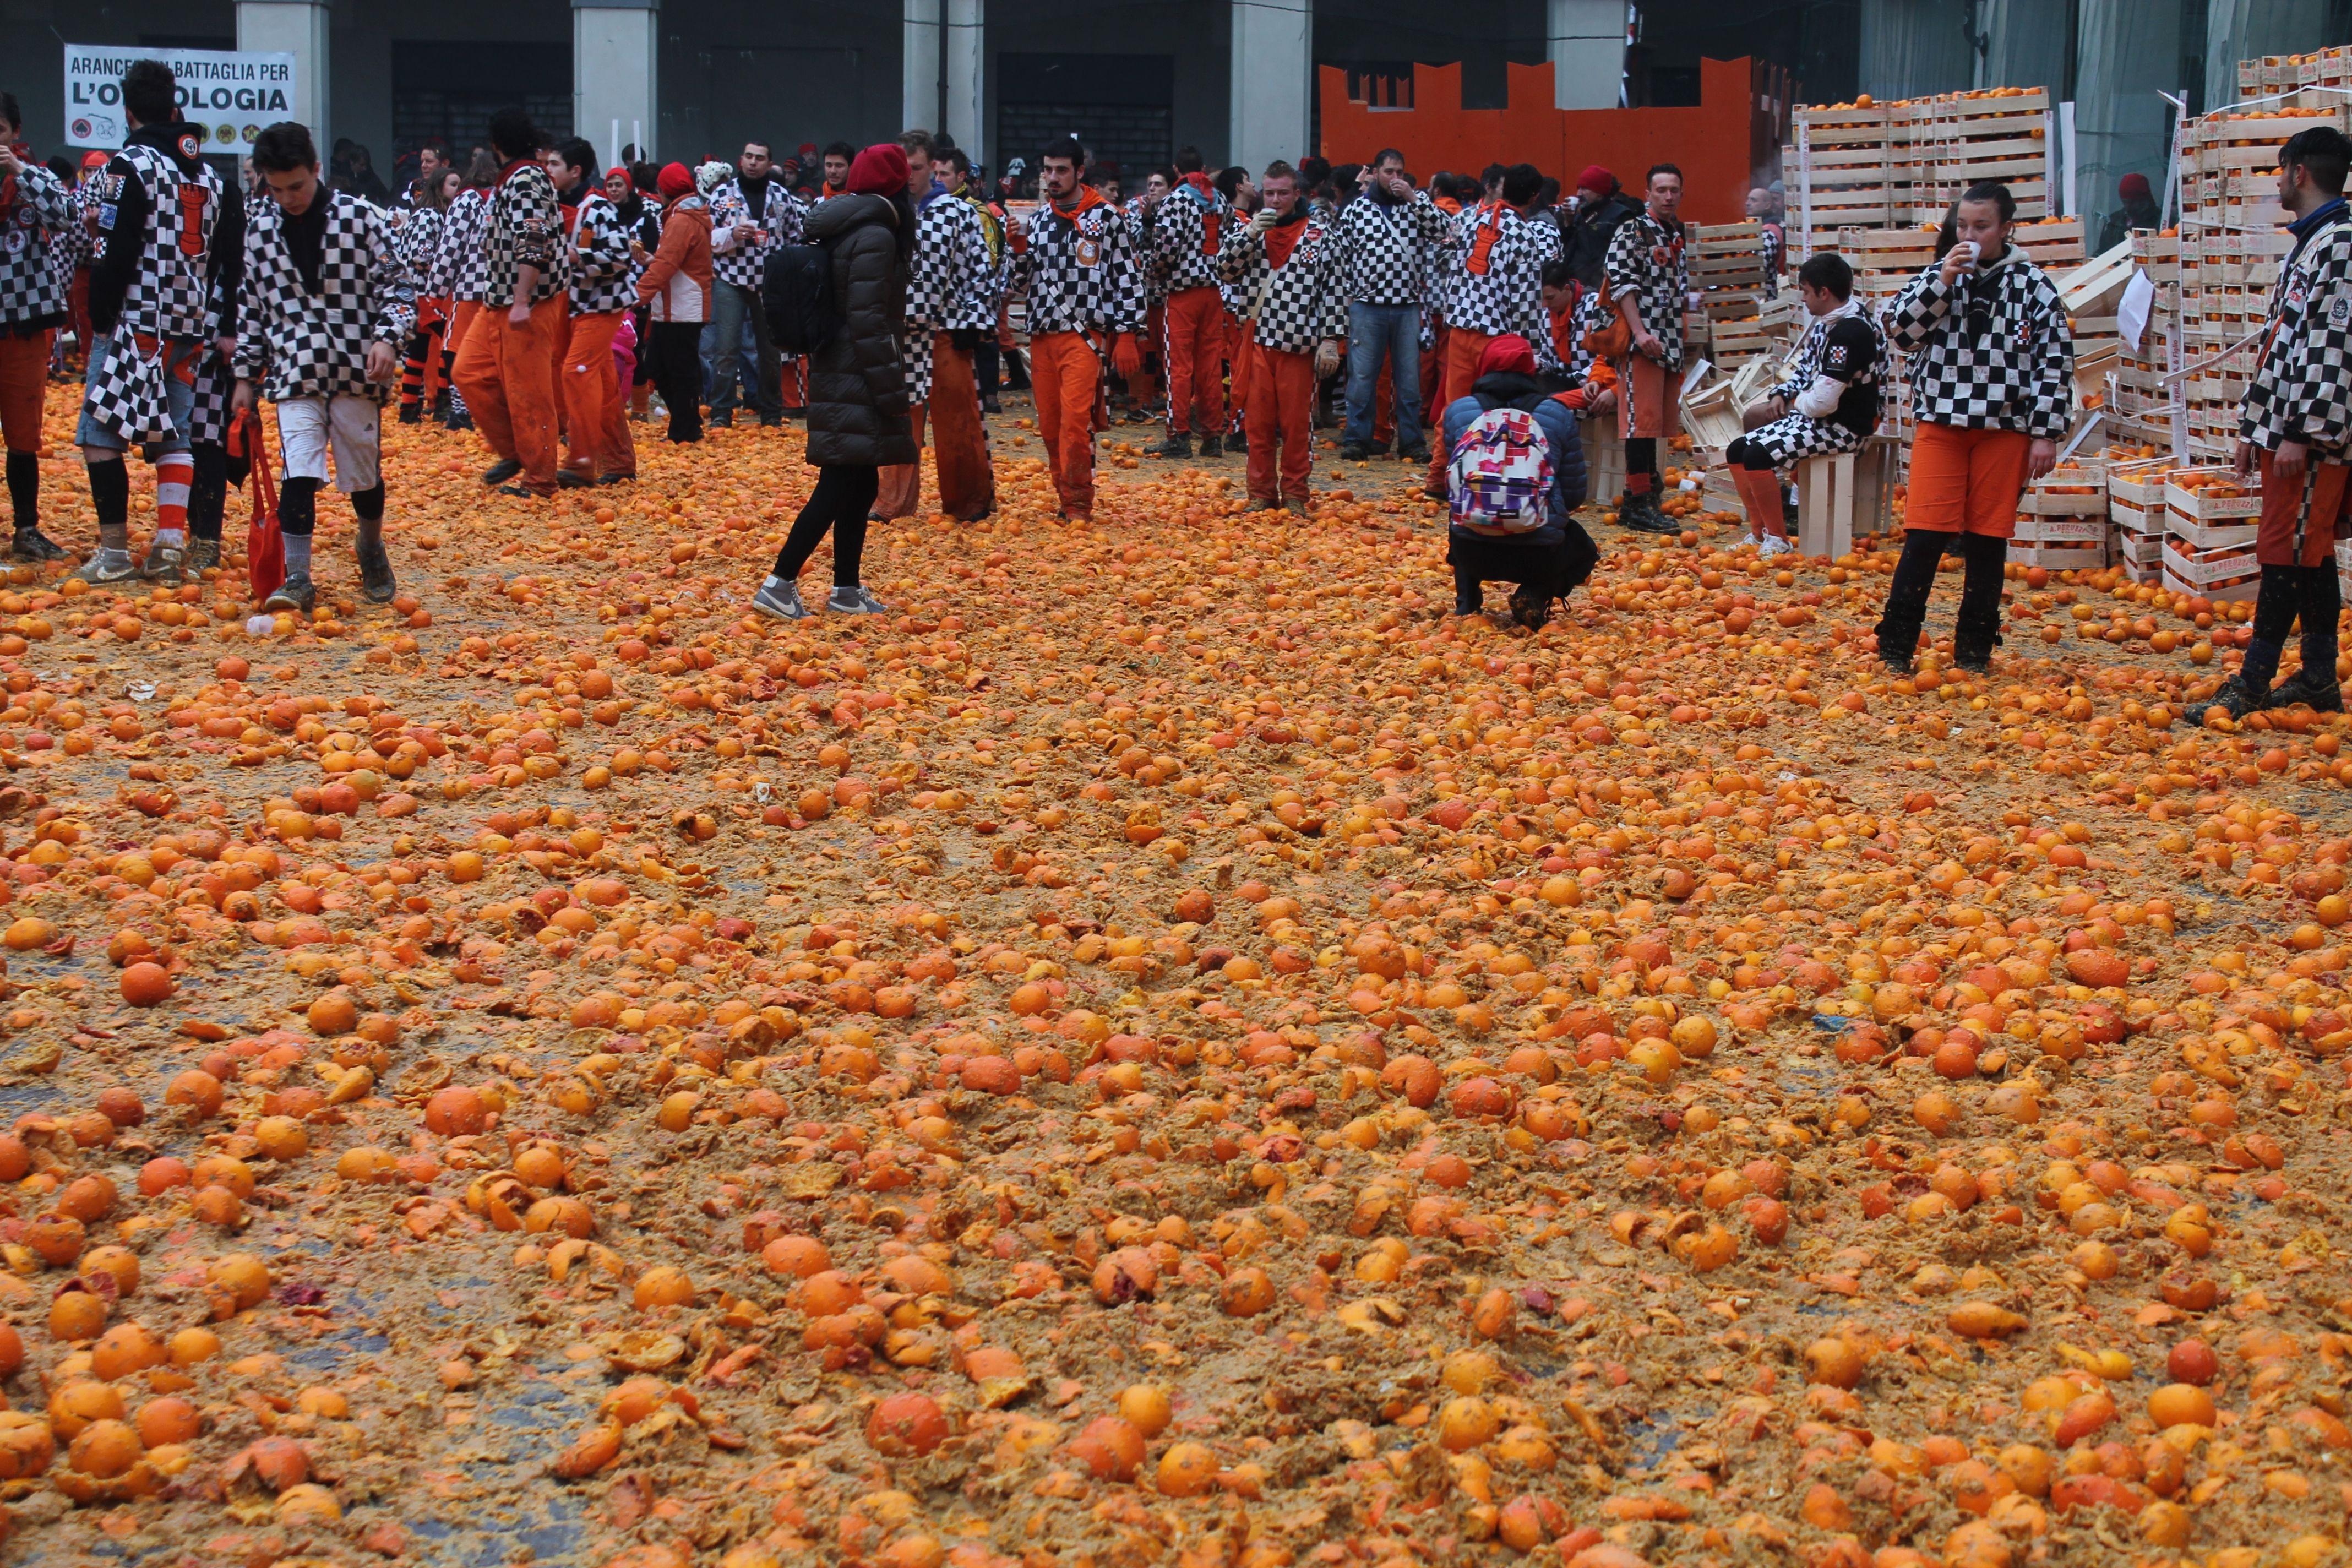 IVREA - Le arance del Carnevale diventano concimi: quando lo «spreco» genera risorse